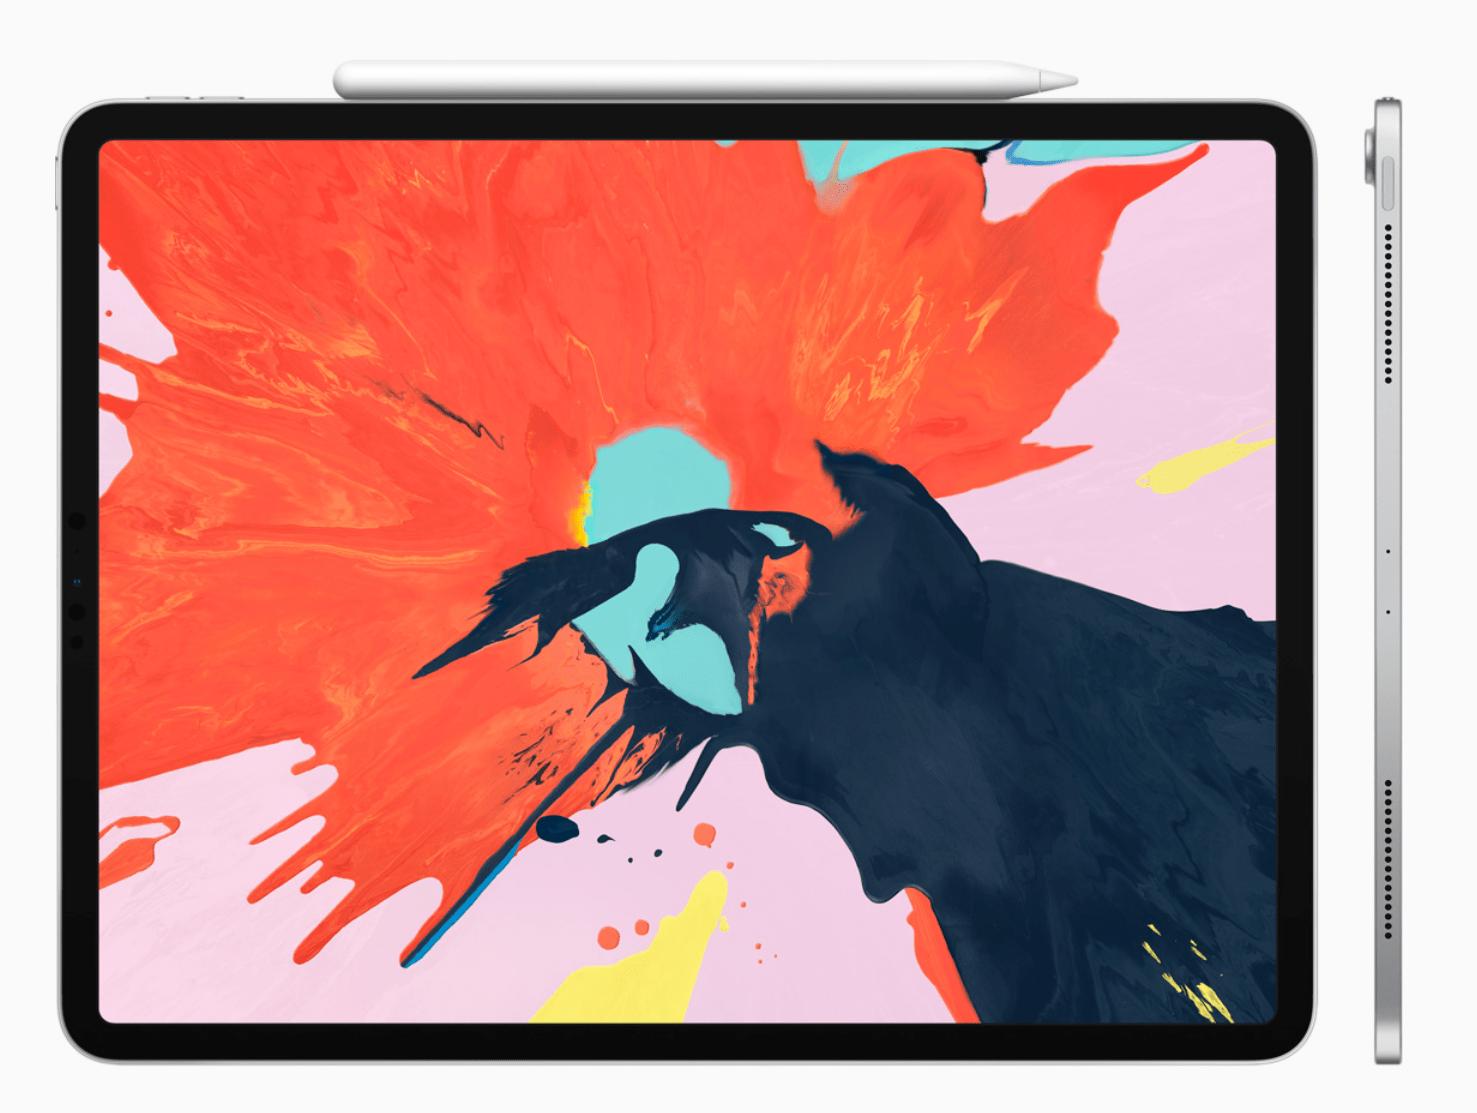 Vous avez reçu un iPad Pro 2018 pliable ? Pas de bendgate pour Apple, tout est normal